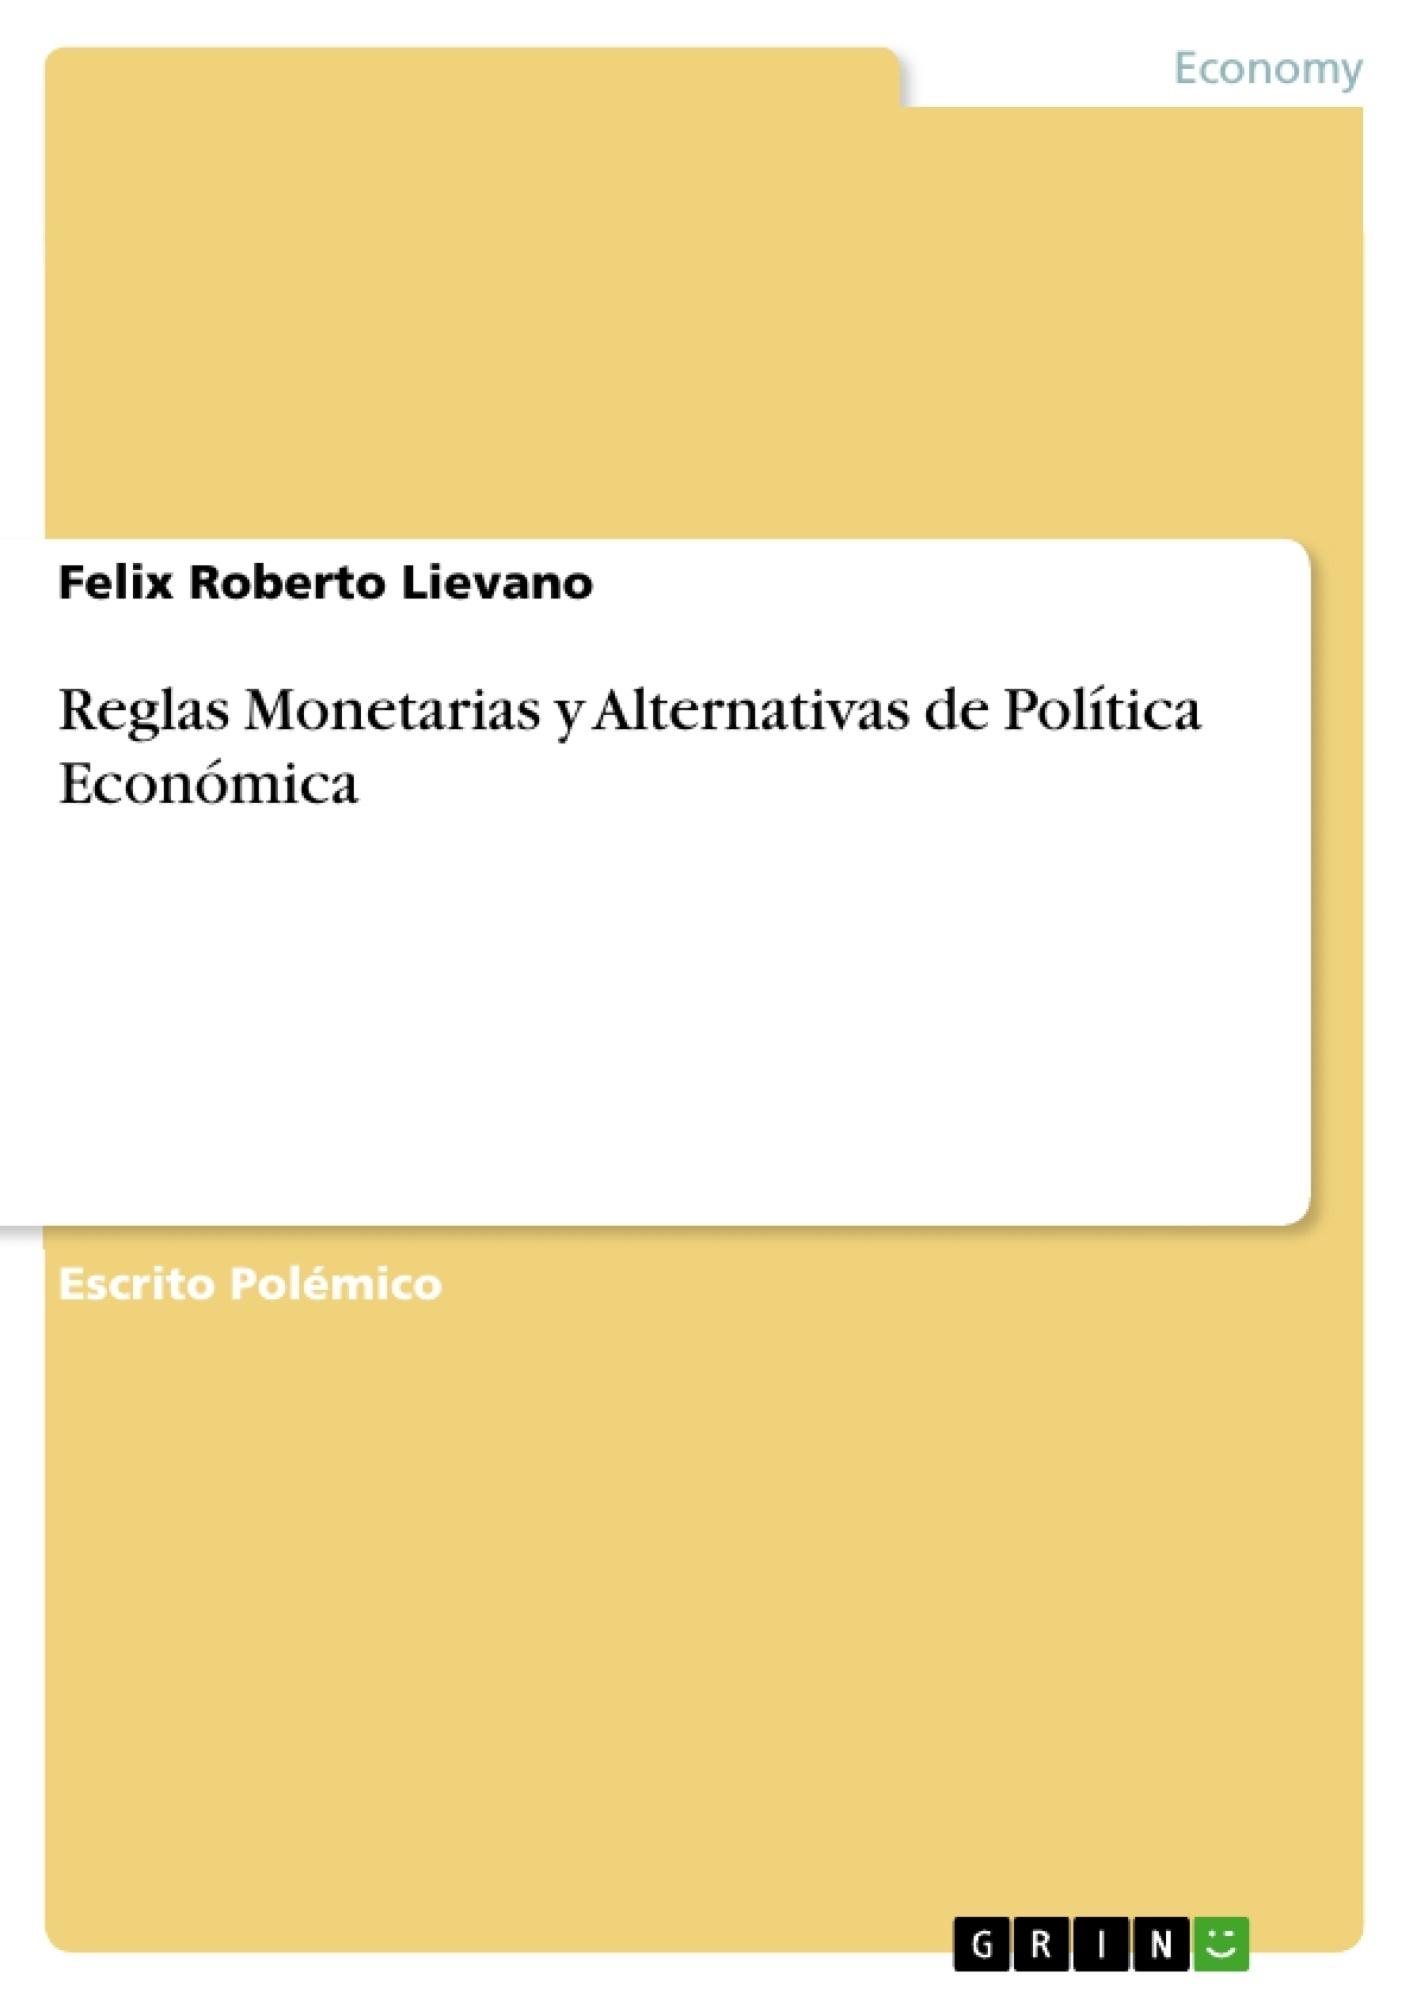 Título: Reglas Monetarias y Alternativas de Política Económica